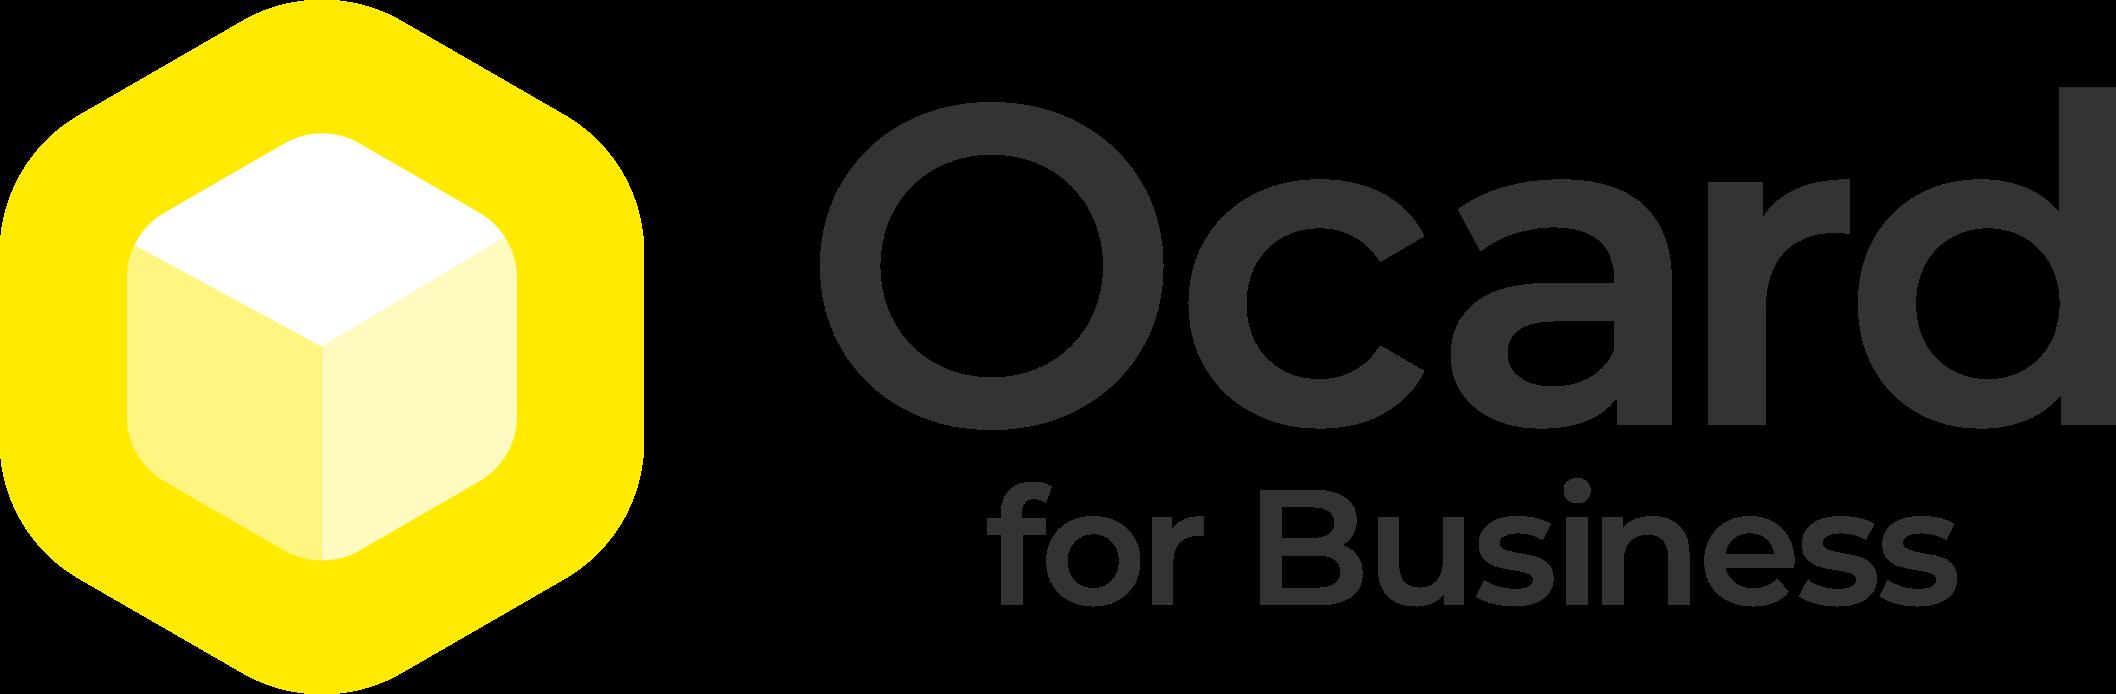 Olis Innovation Co., Ltd.